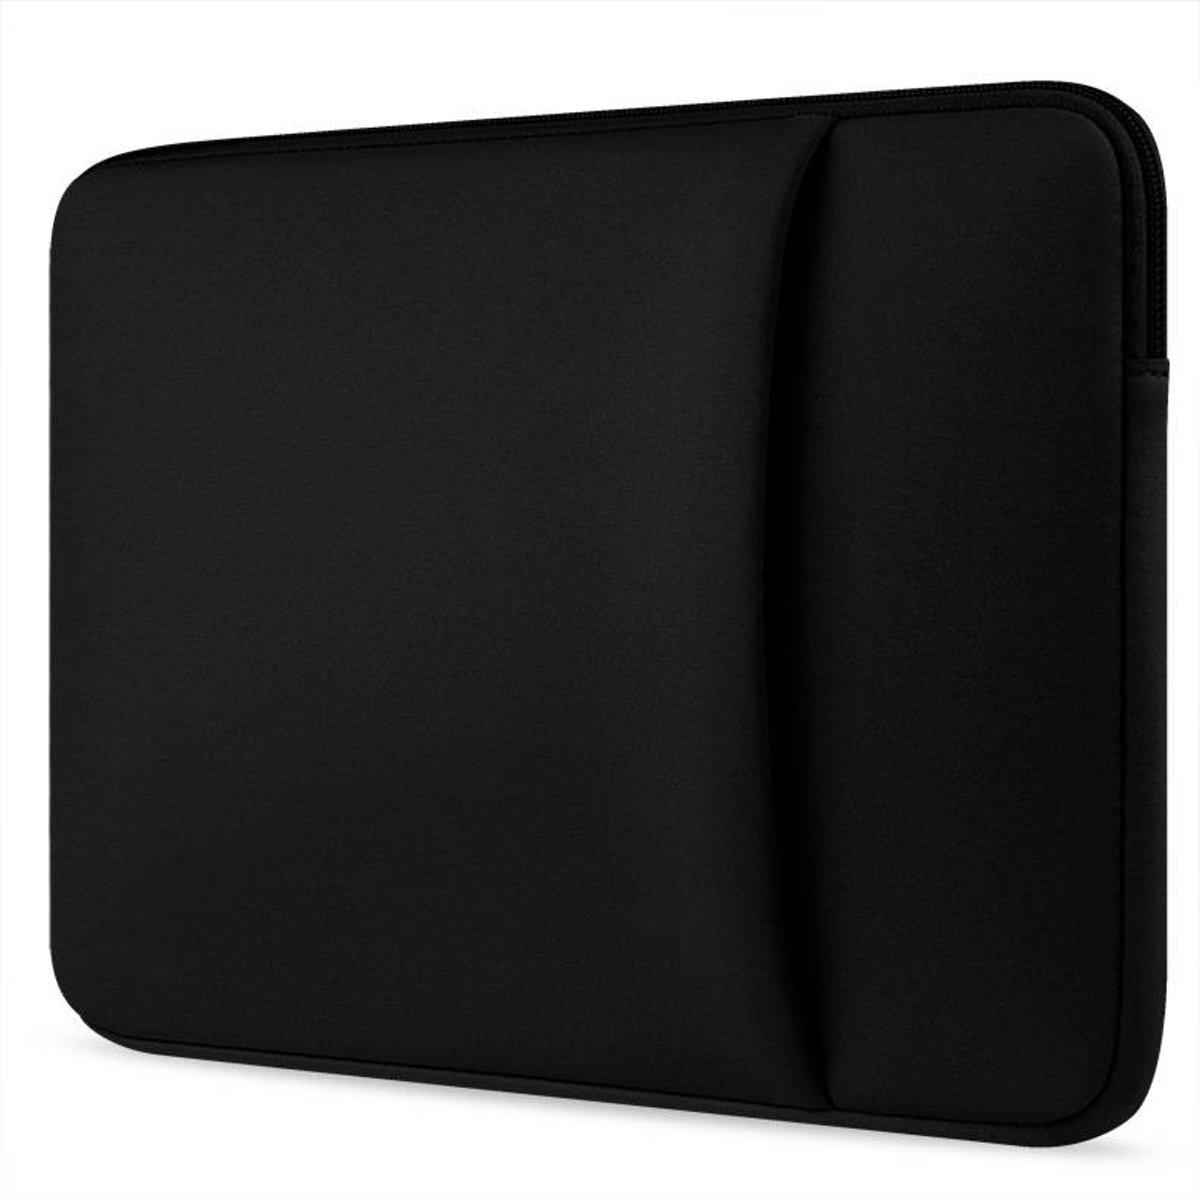 HP EliteBook hoes - Neopreen Laptop sleeve met extra vak - 14 inch - Zwart kopen